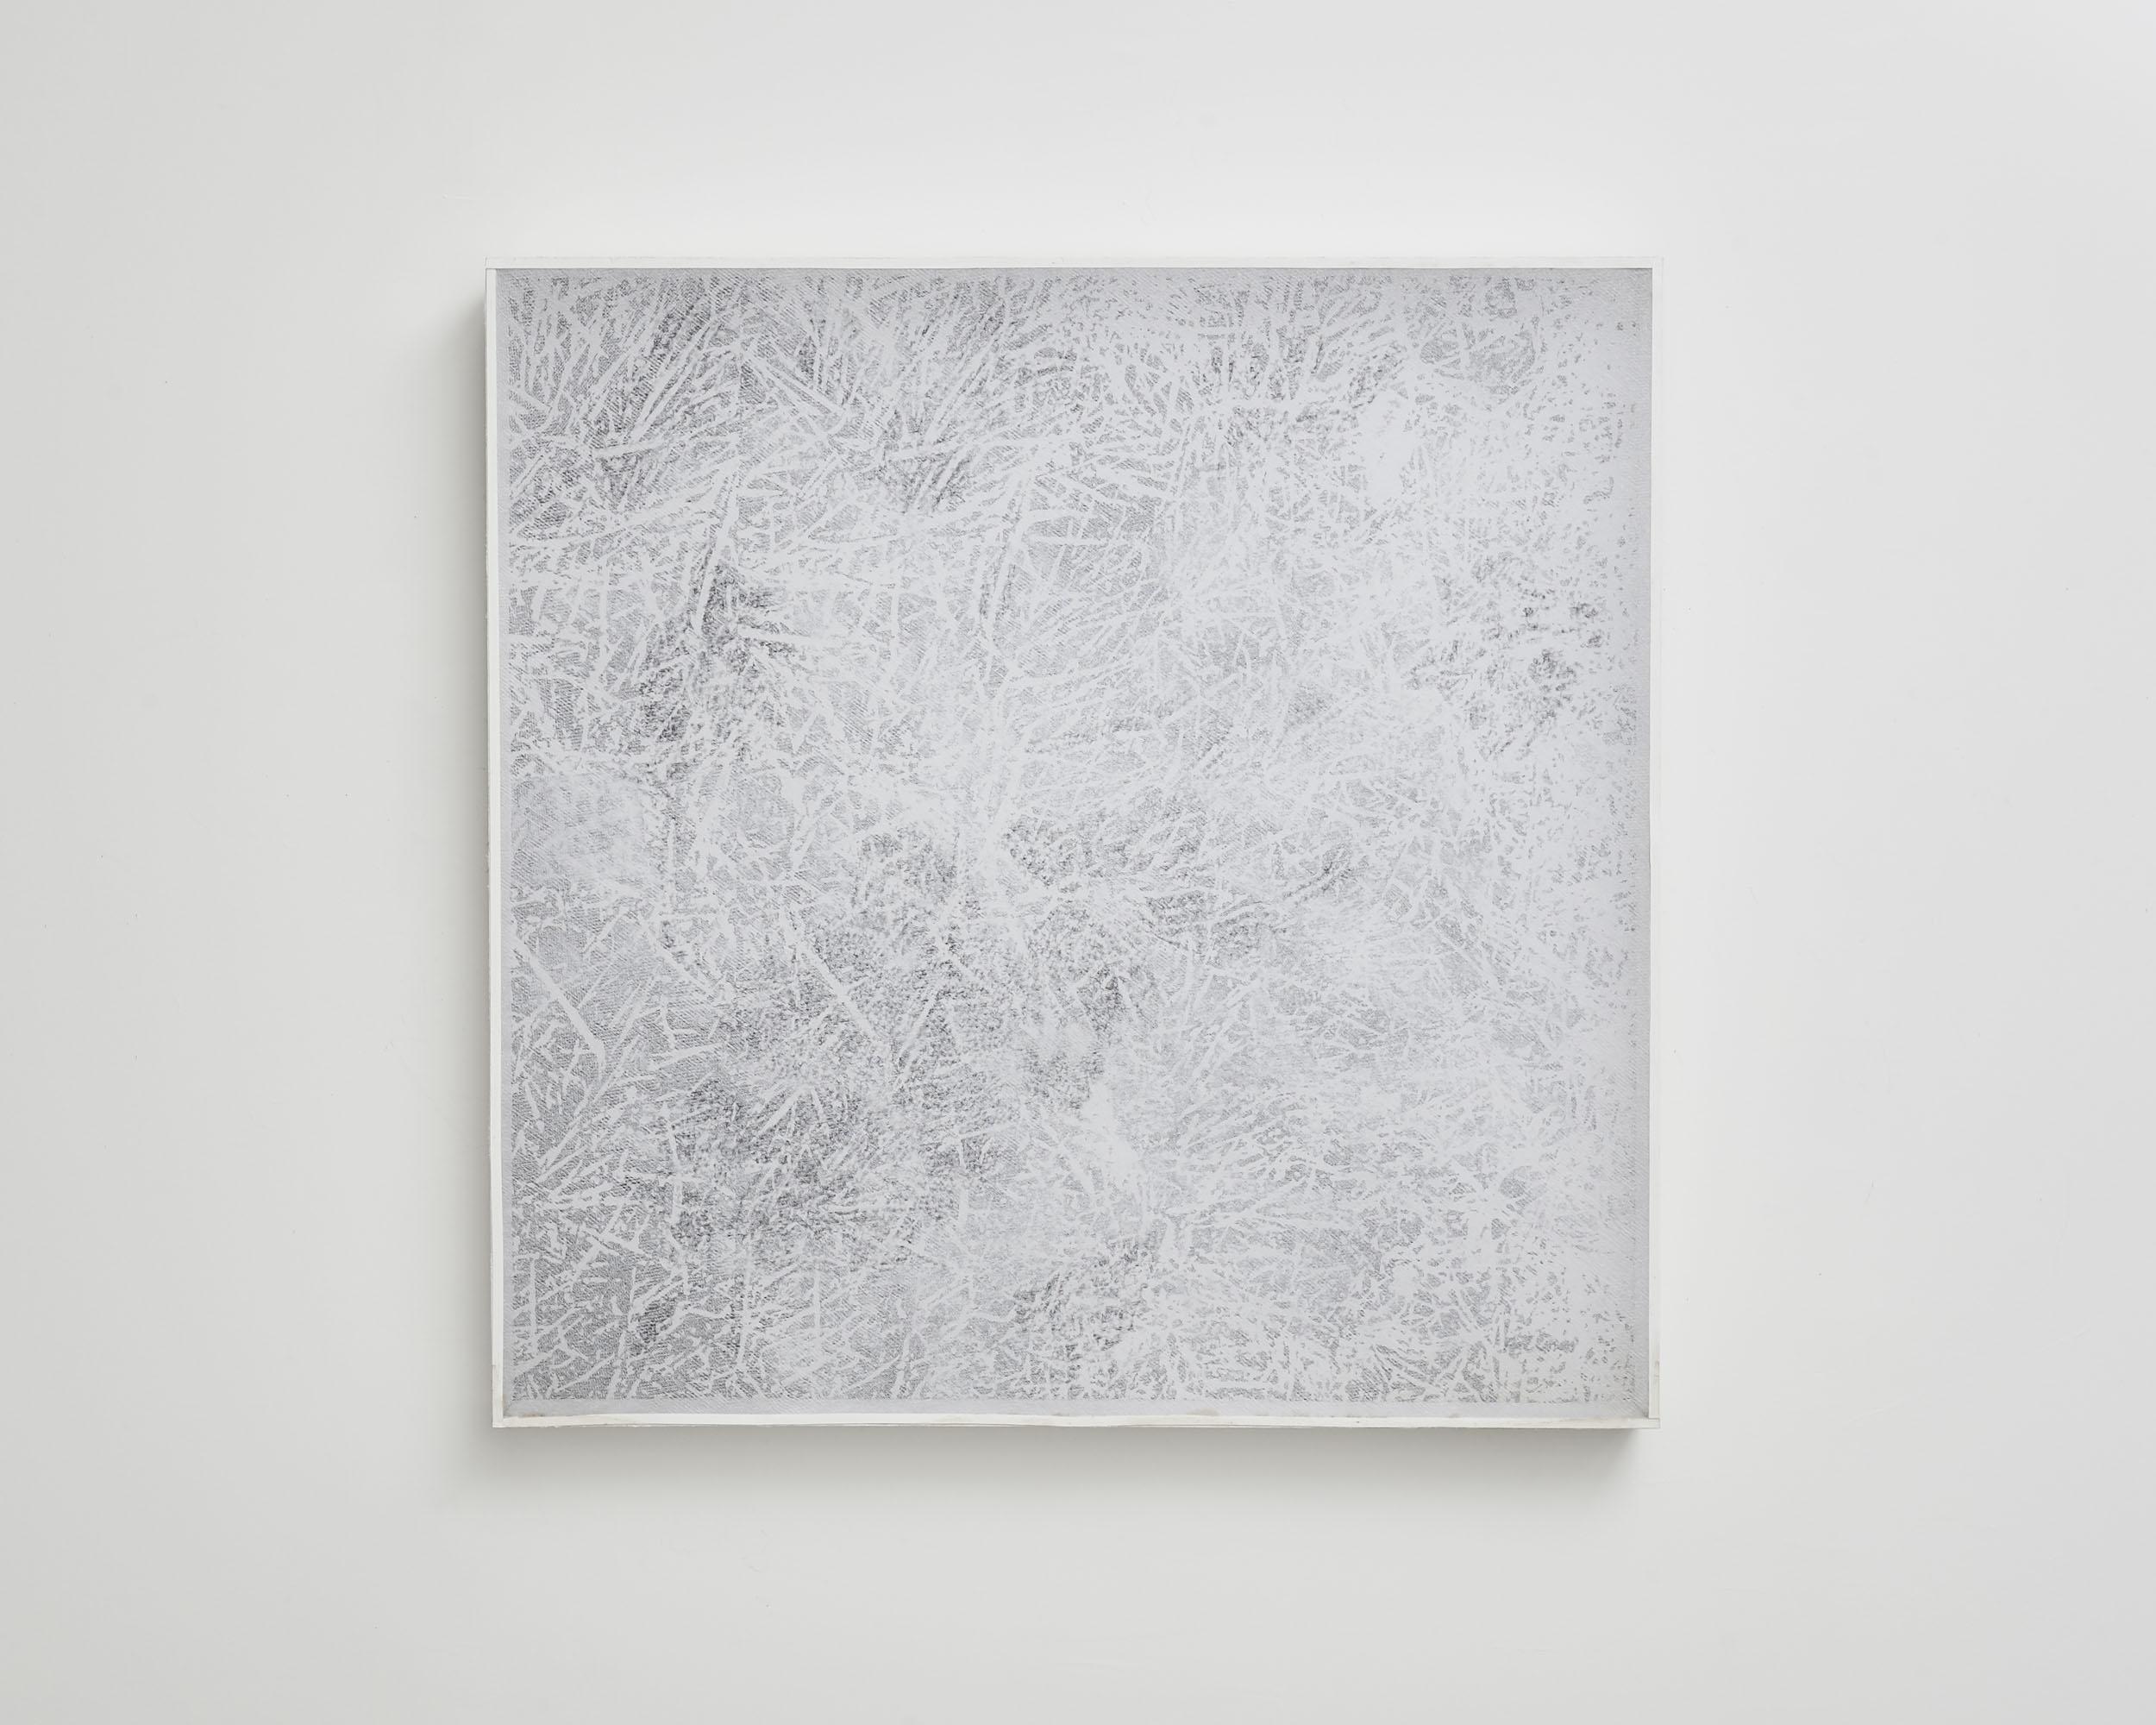 Dessin-écran 3   2011, Sol, photocopie, trame, crayon graphite et boîte bois  1x1m.